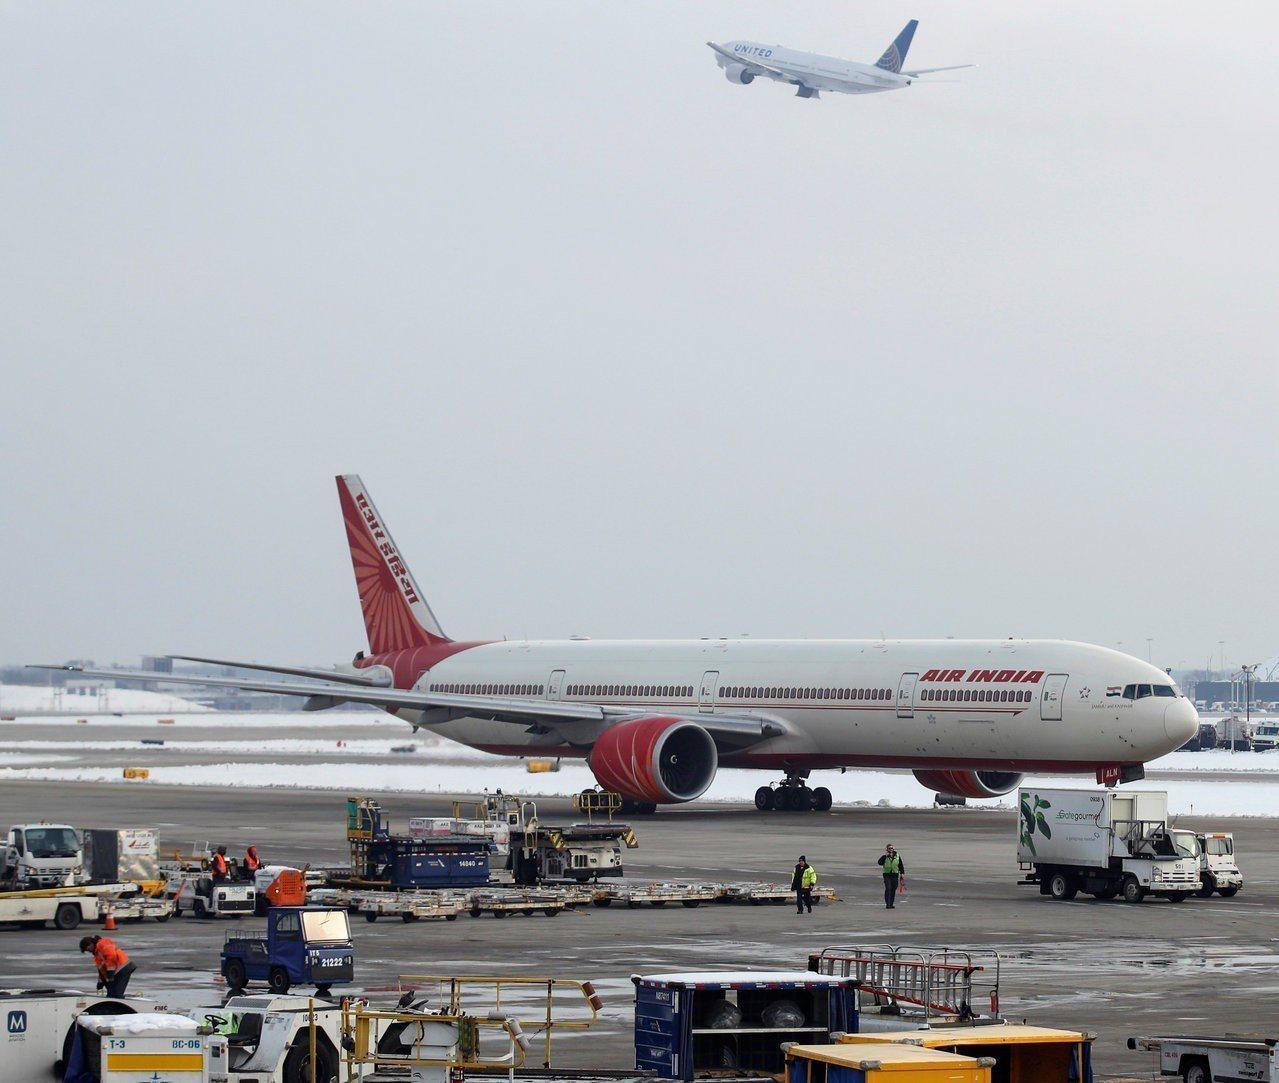 為因應半空中發生的性騷擾事件增加,印度航空2017年起提供女性旅客專用座位區。路...